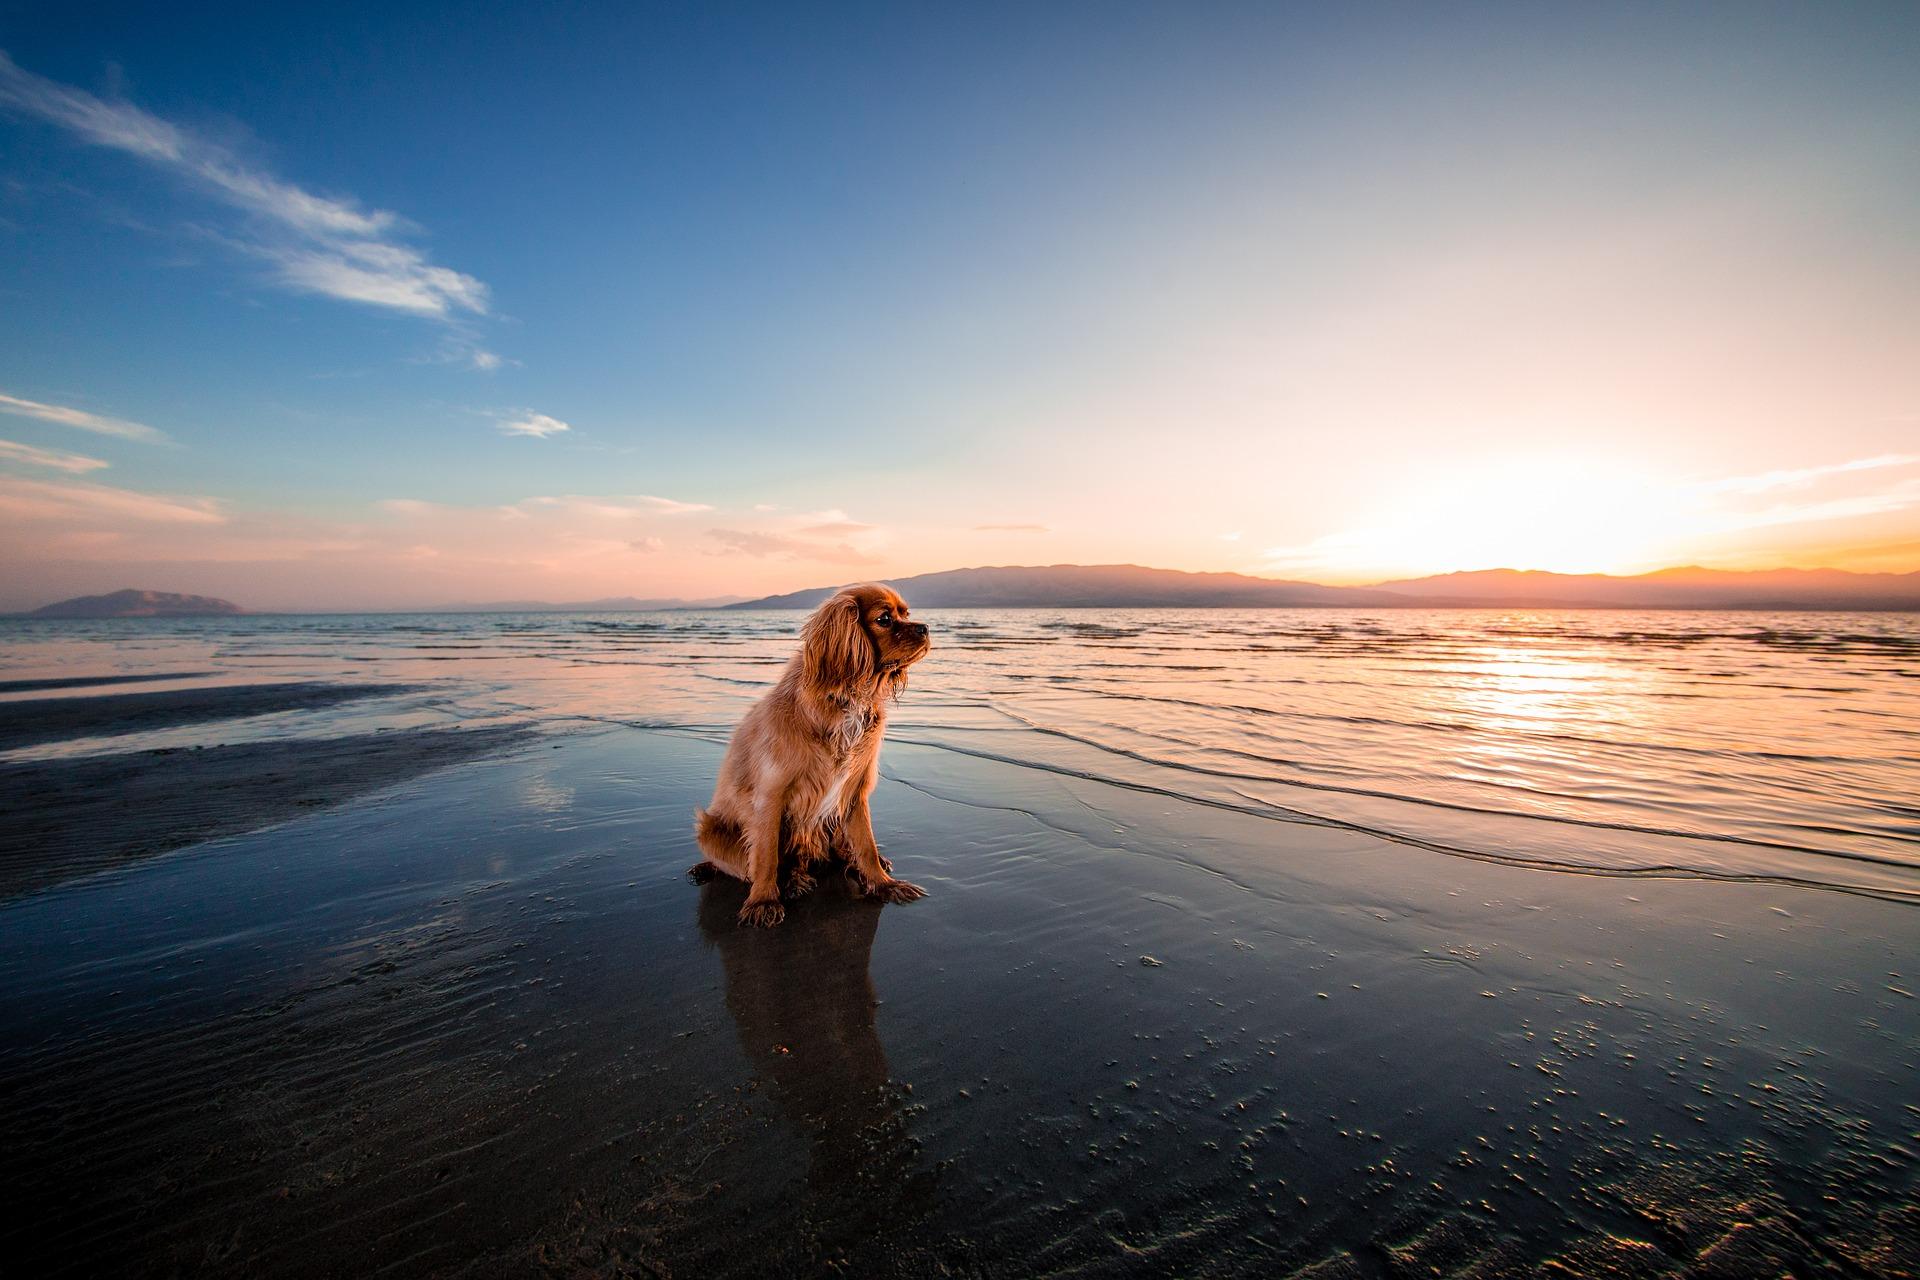 beach-1854123_1920.jpg?1566762294